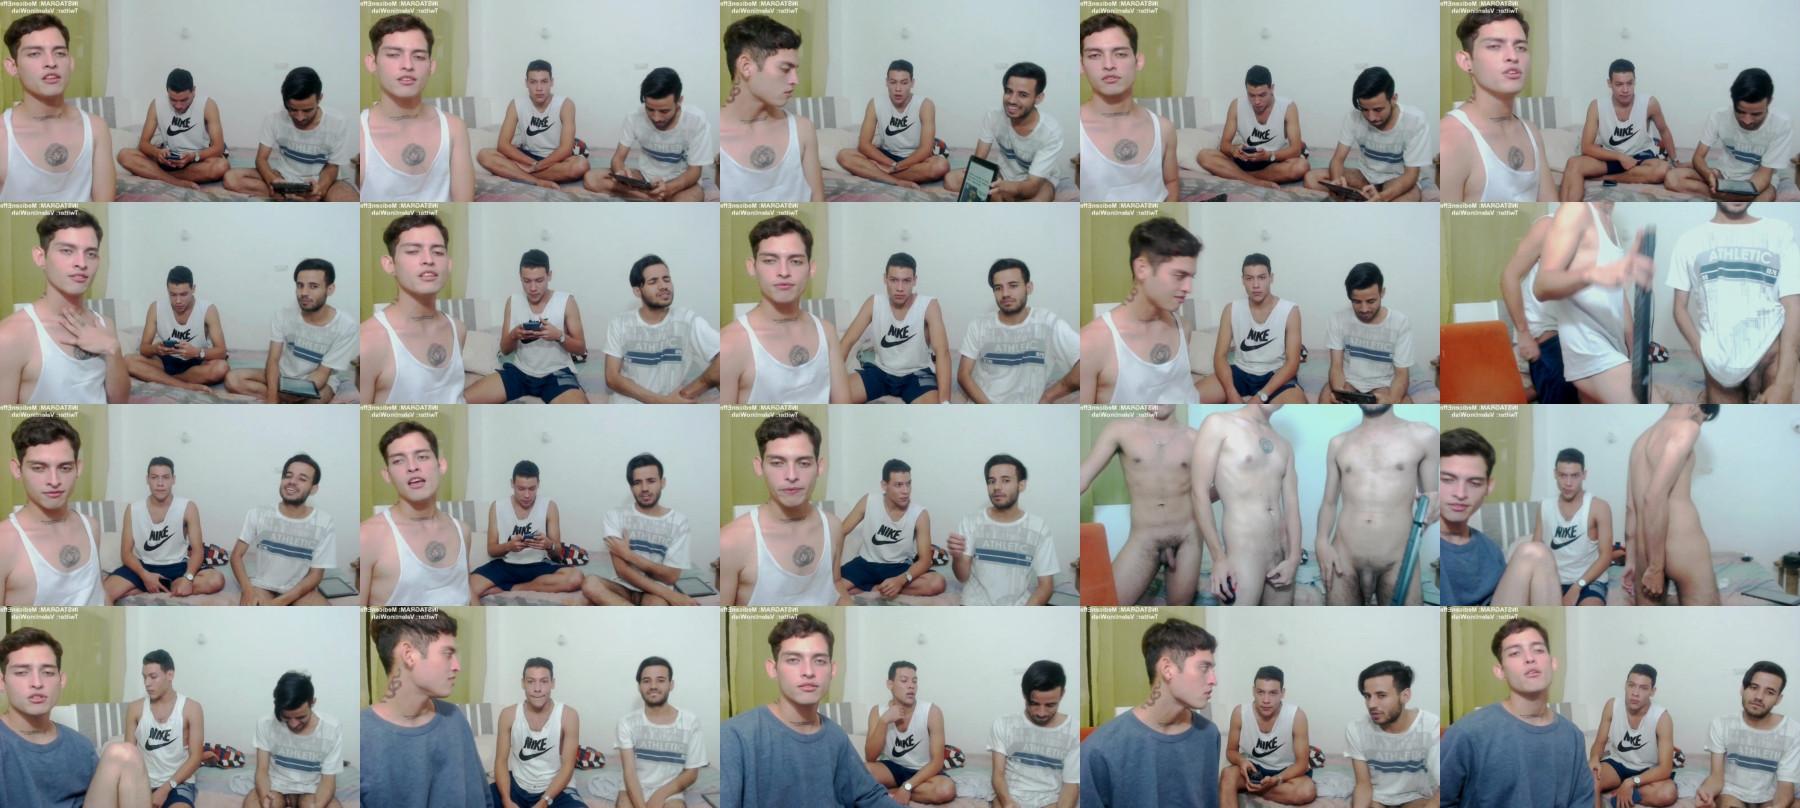 Dualmen_sex Cam4 04-05-2021 Recorded Video Cam